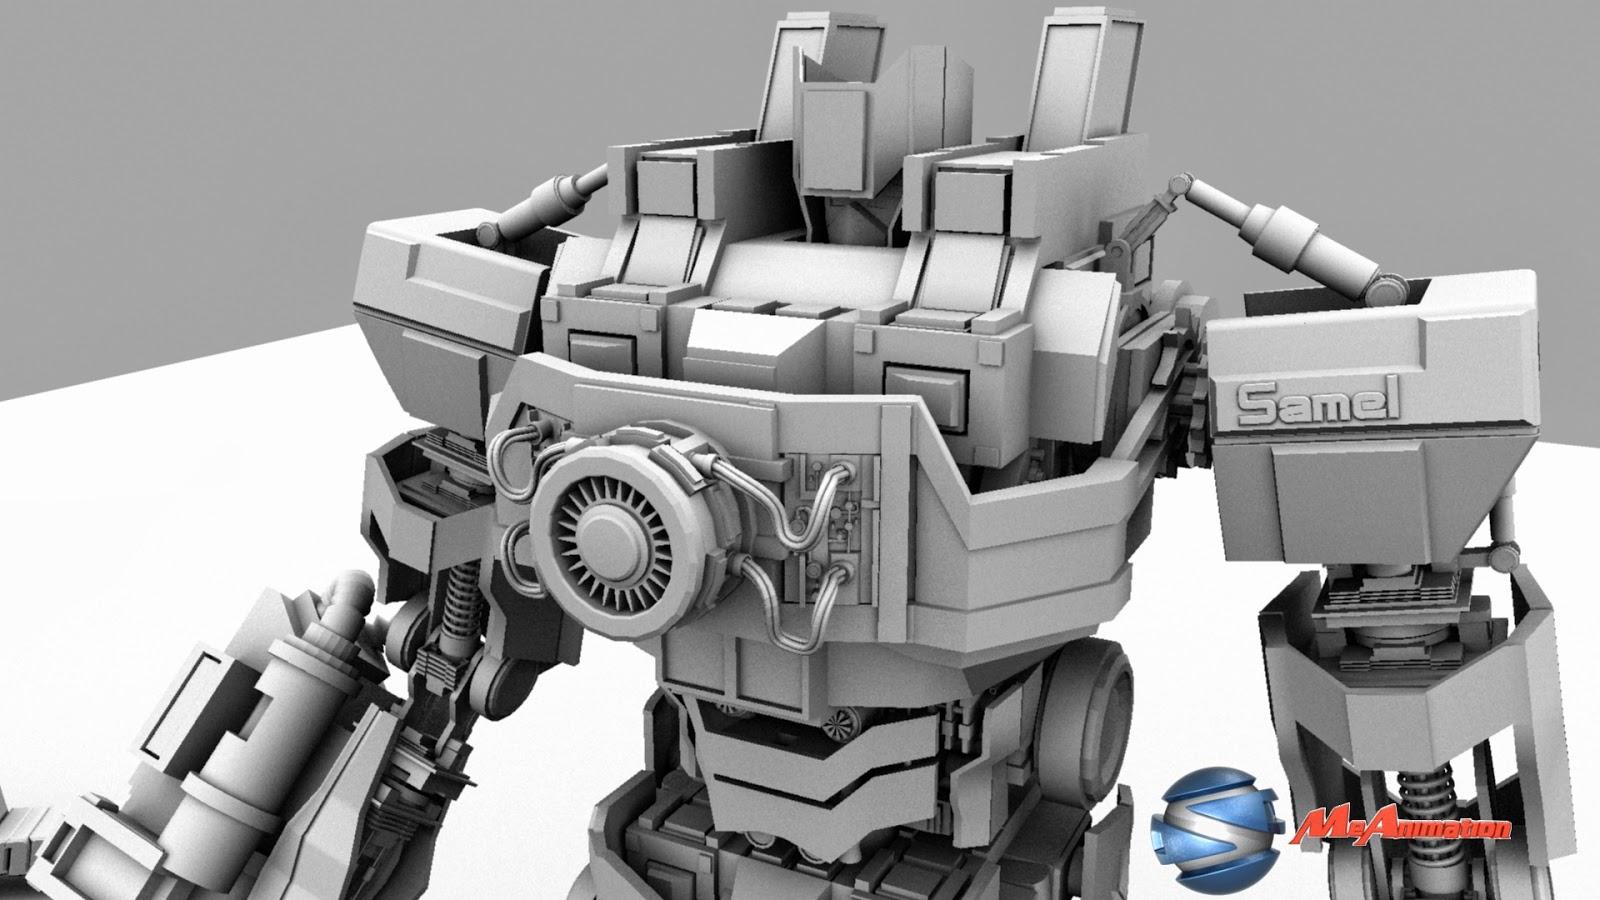 3D Art Work: 3D super robot Mech SM1 design